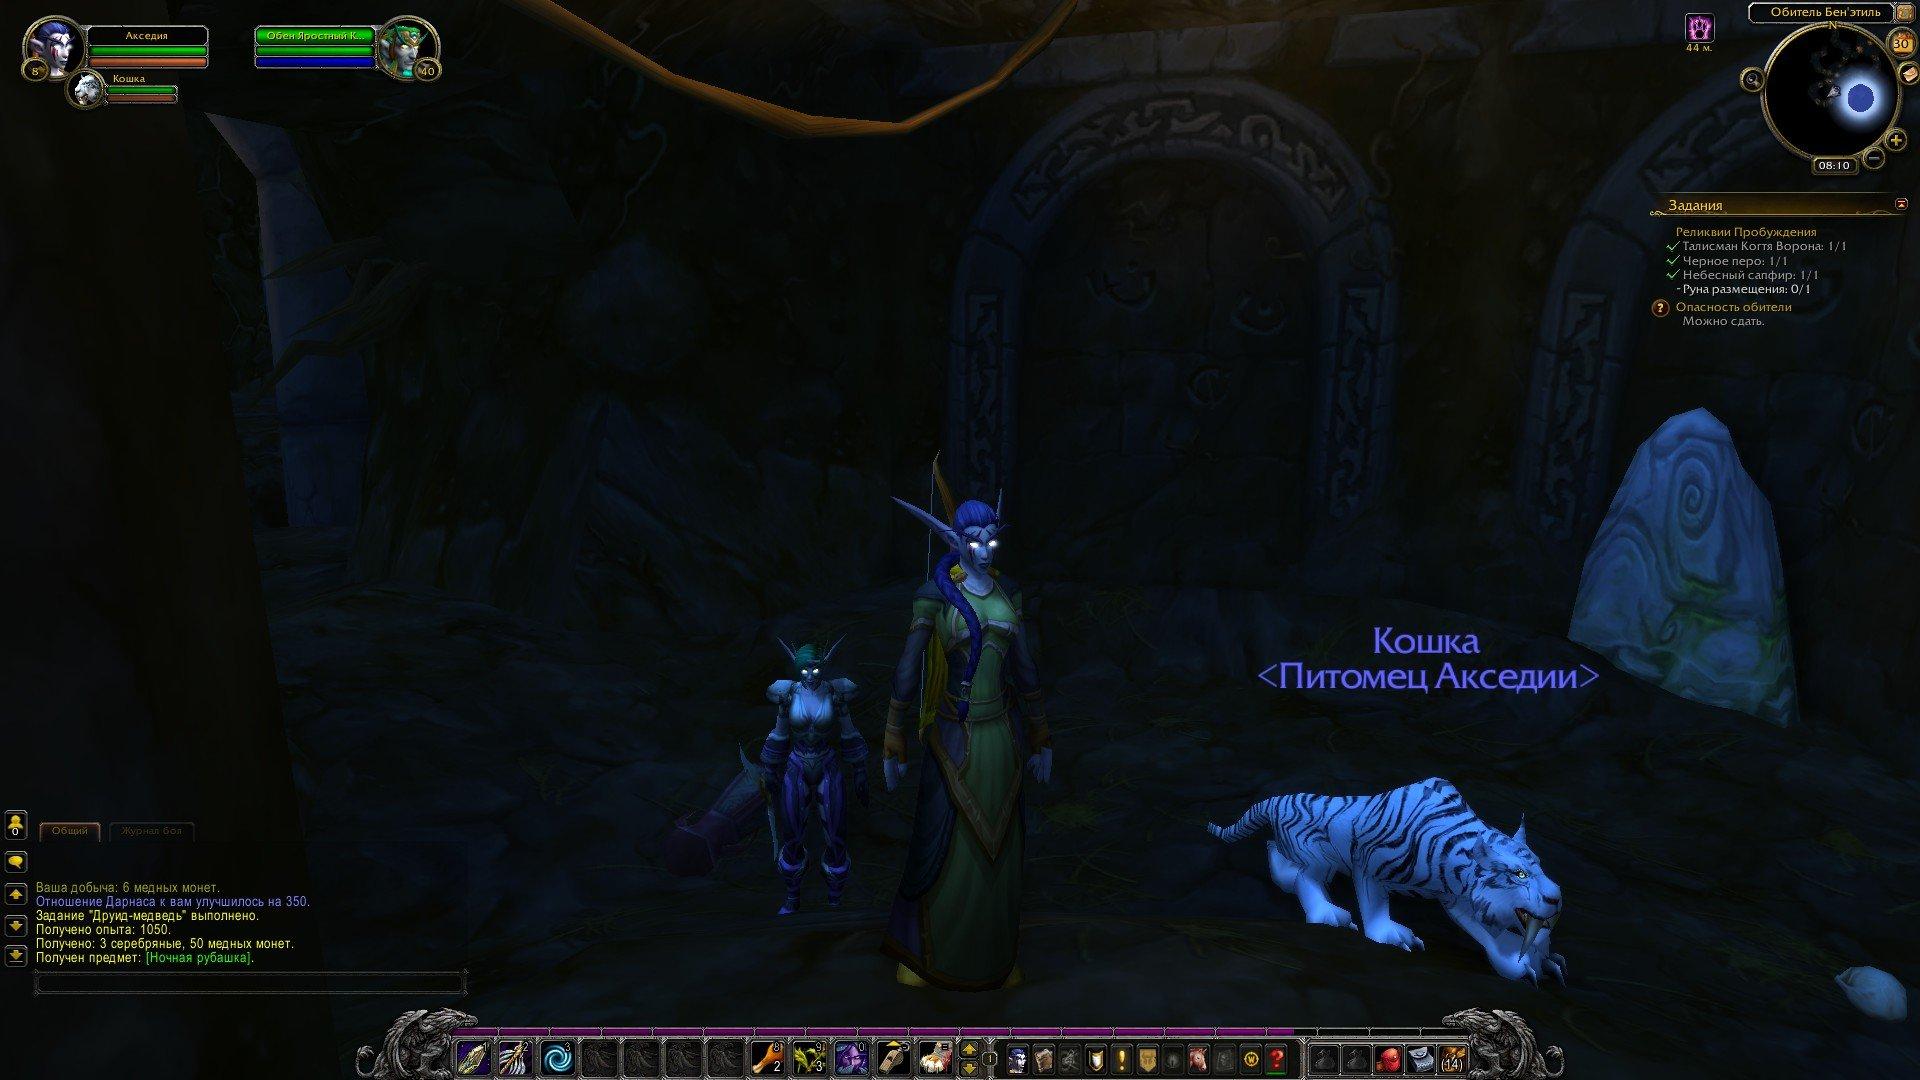 Путешествие по World of Warcraft ... Знакомство - Изображение 12